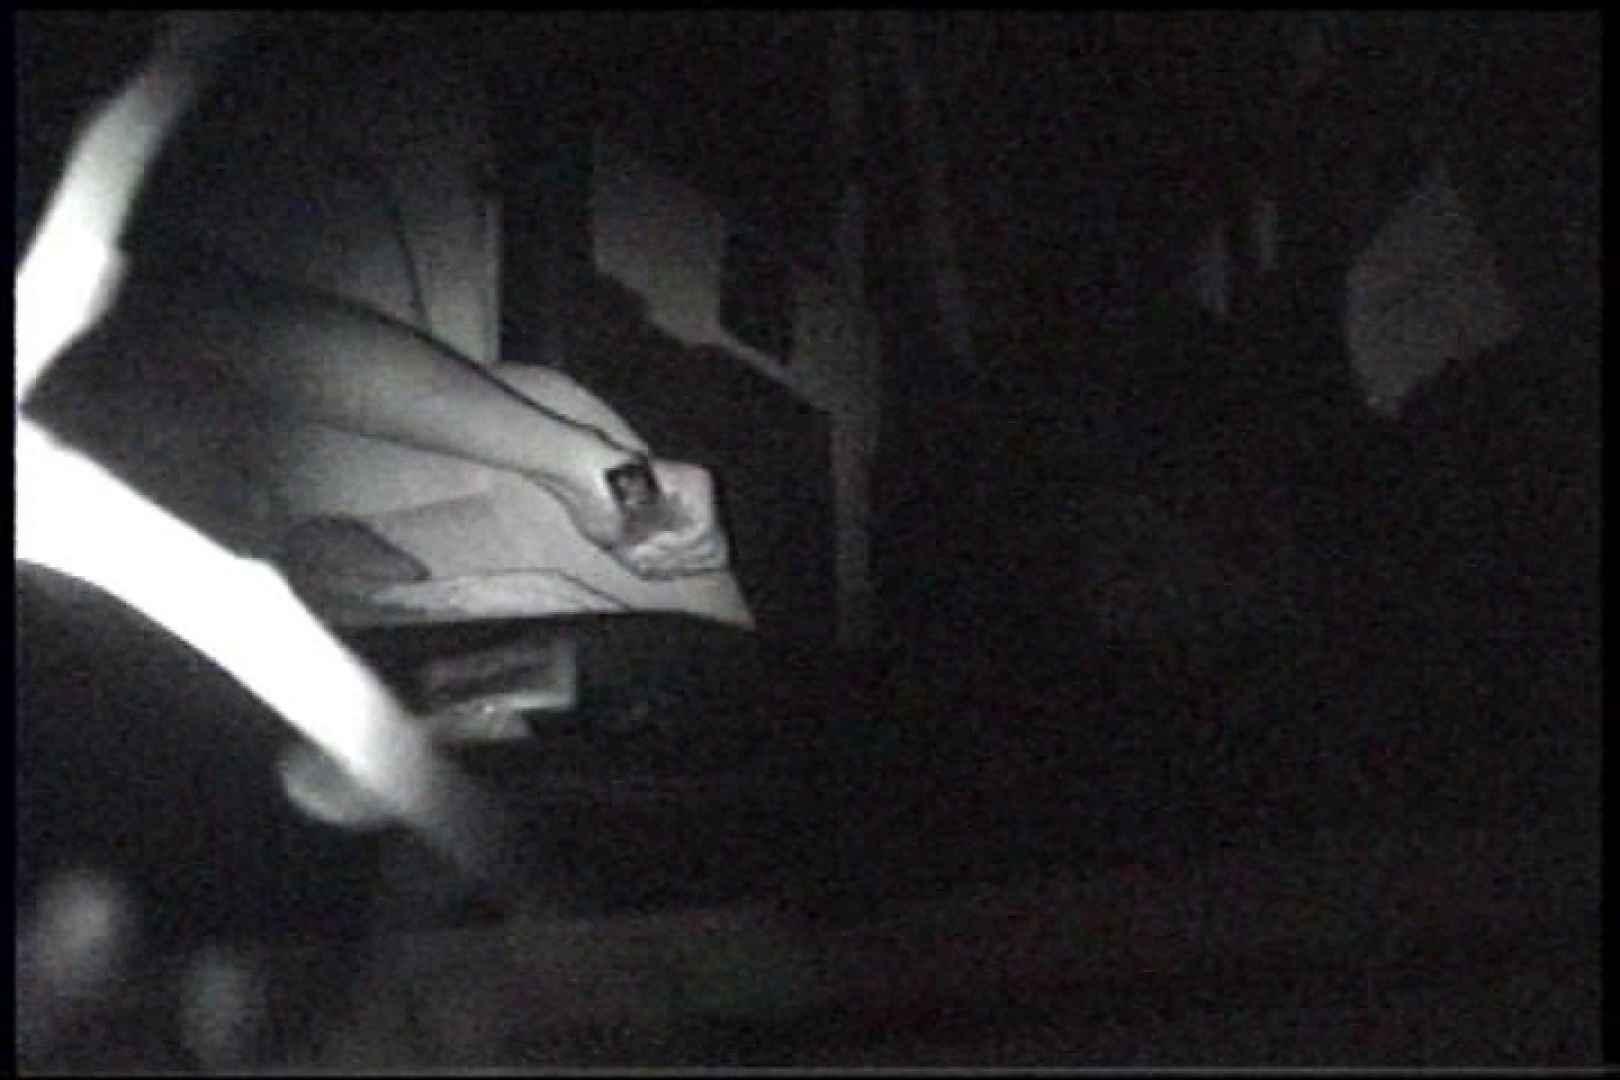 充血監督の深夜の運動会Vol.238 プライベート | エロティックなOL  92画像 40